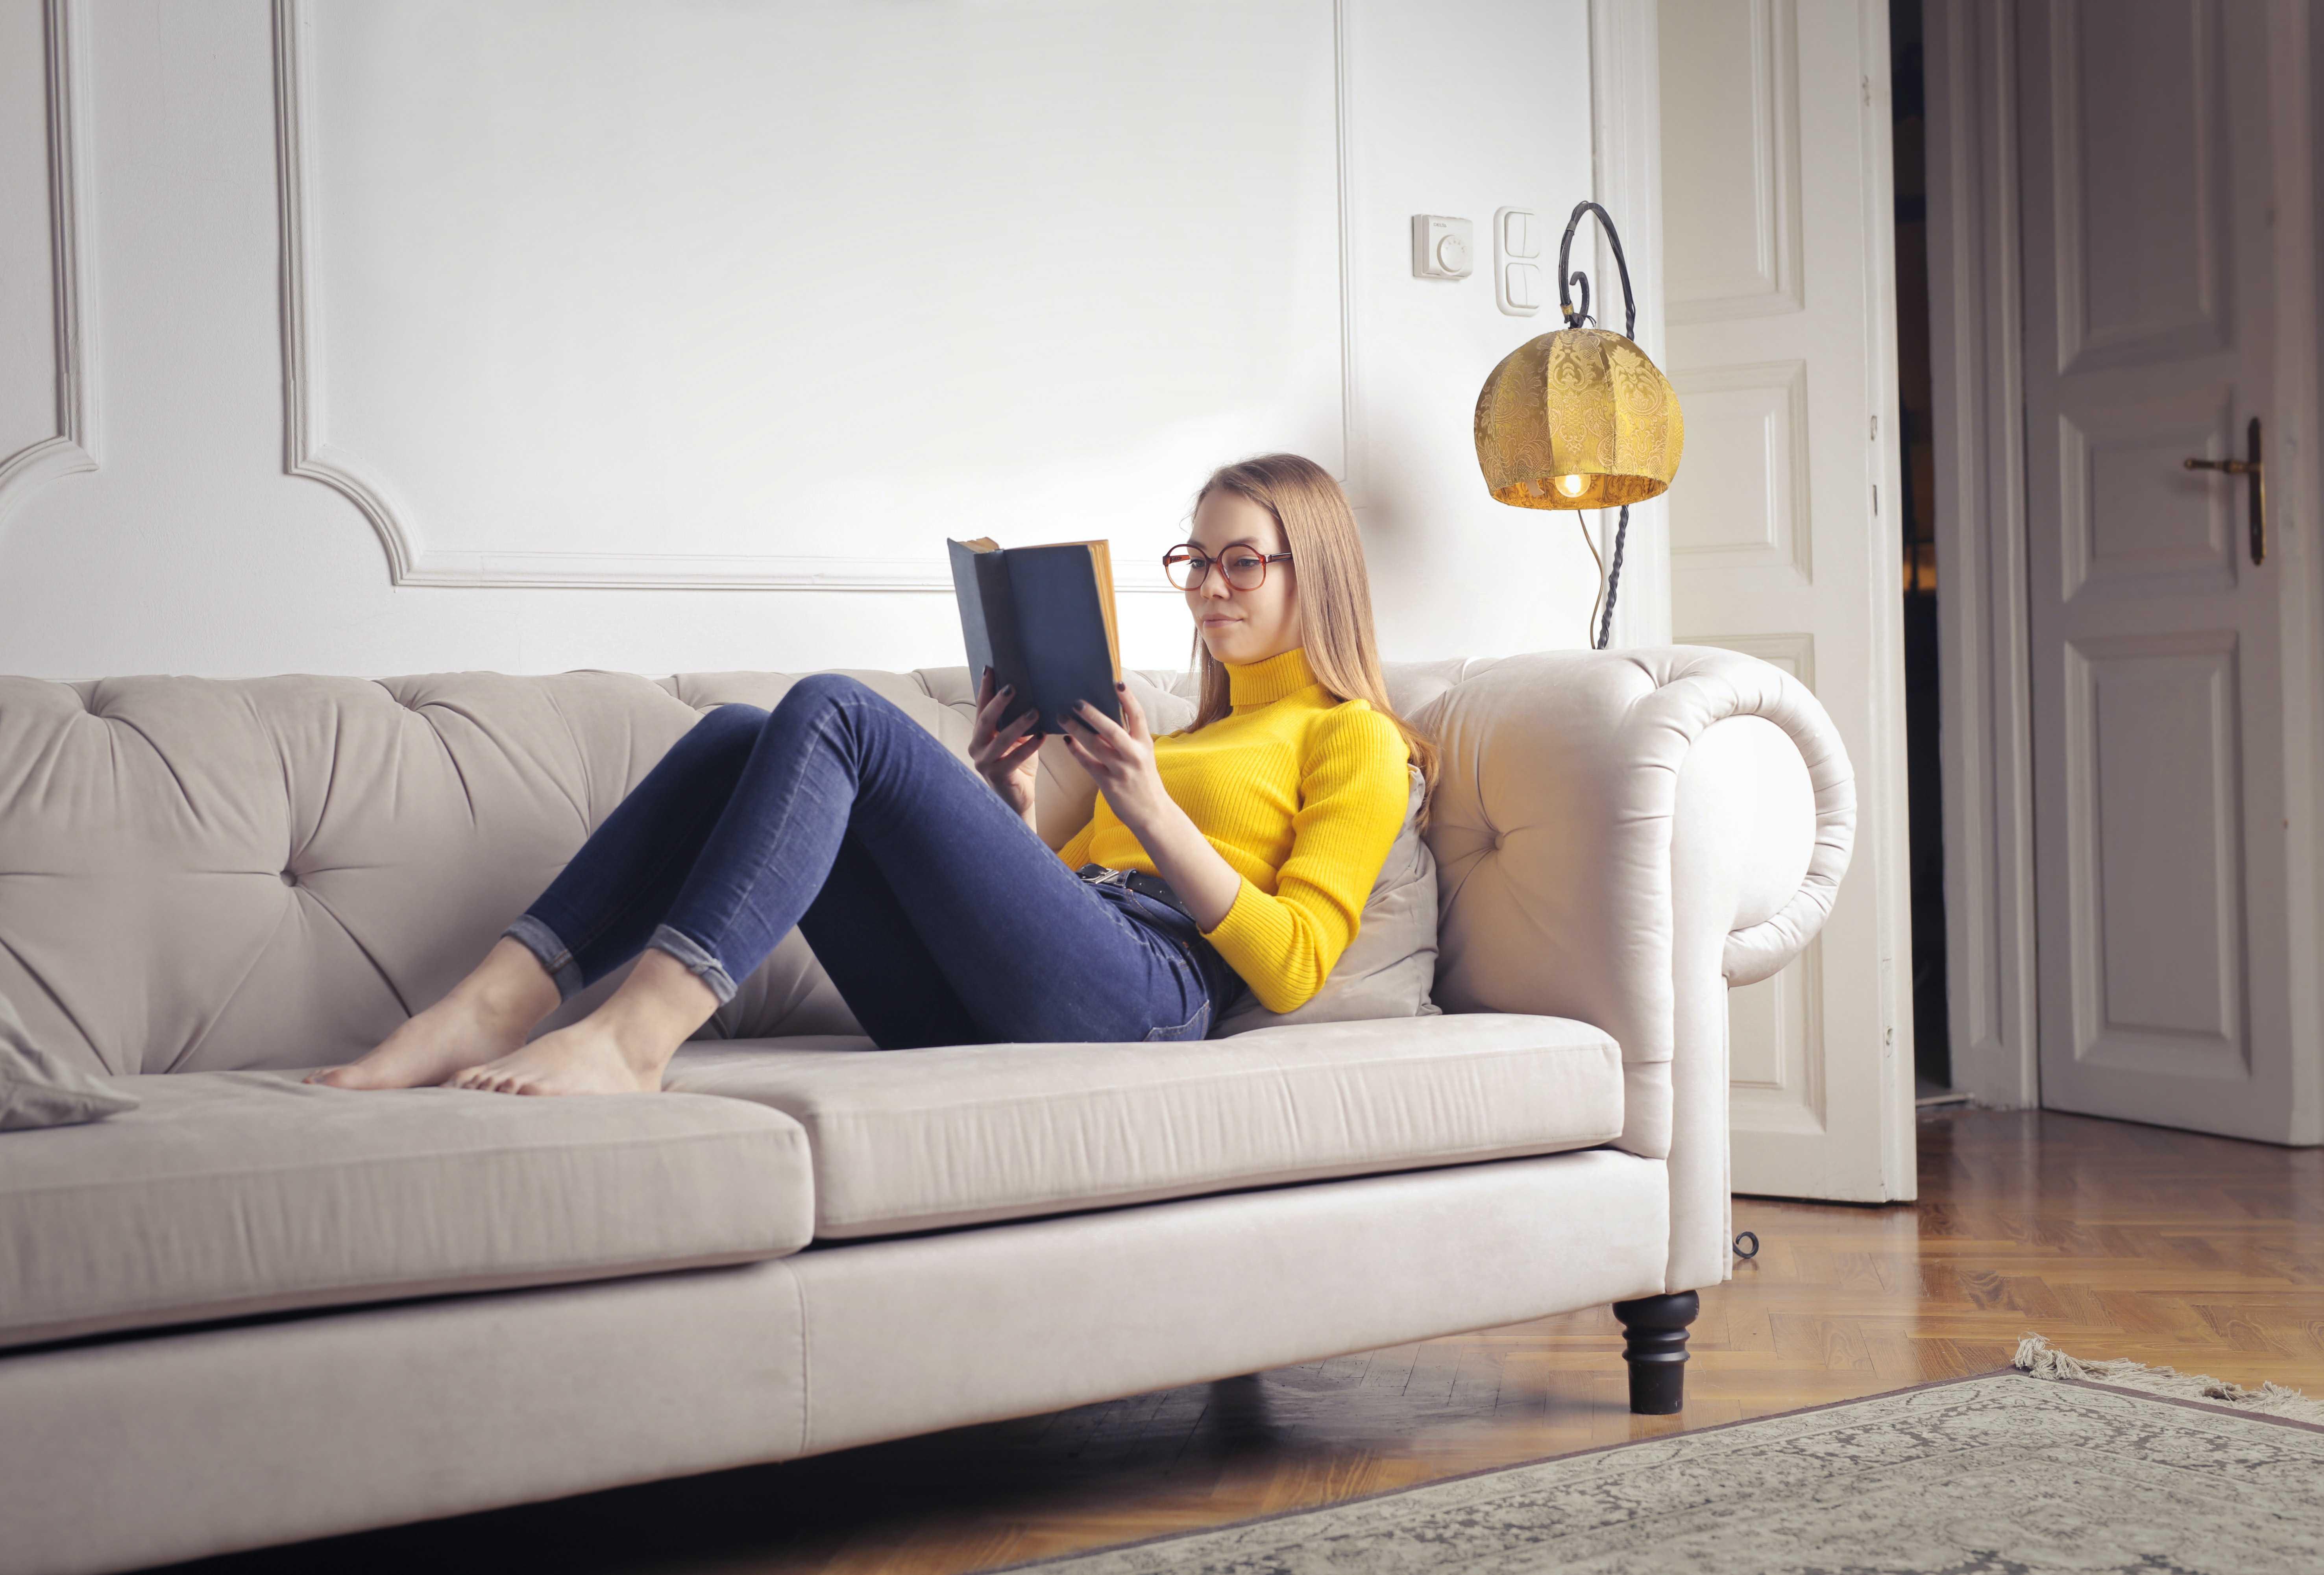 dormir, sono, leitura, saúde, benefícios do sono